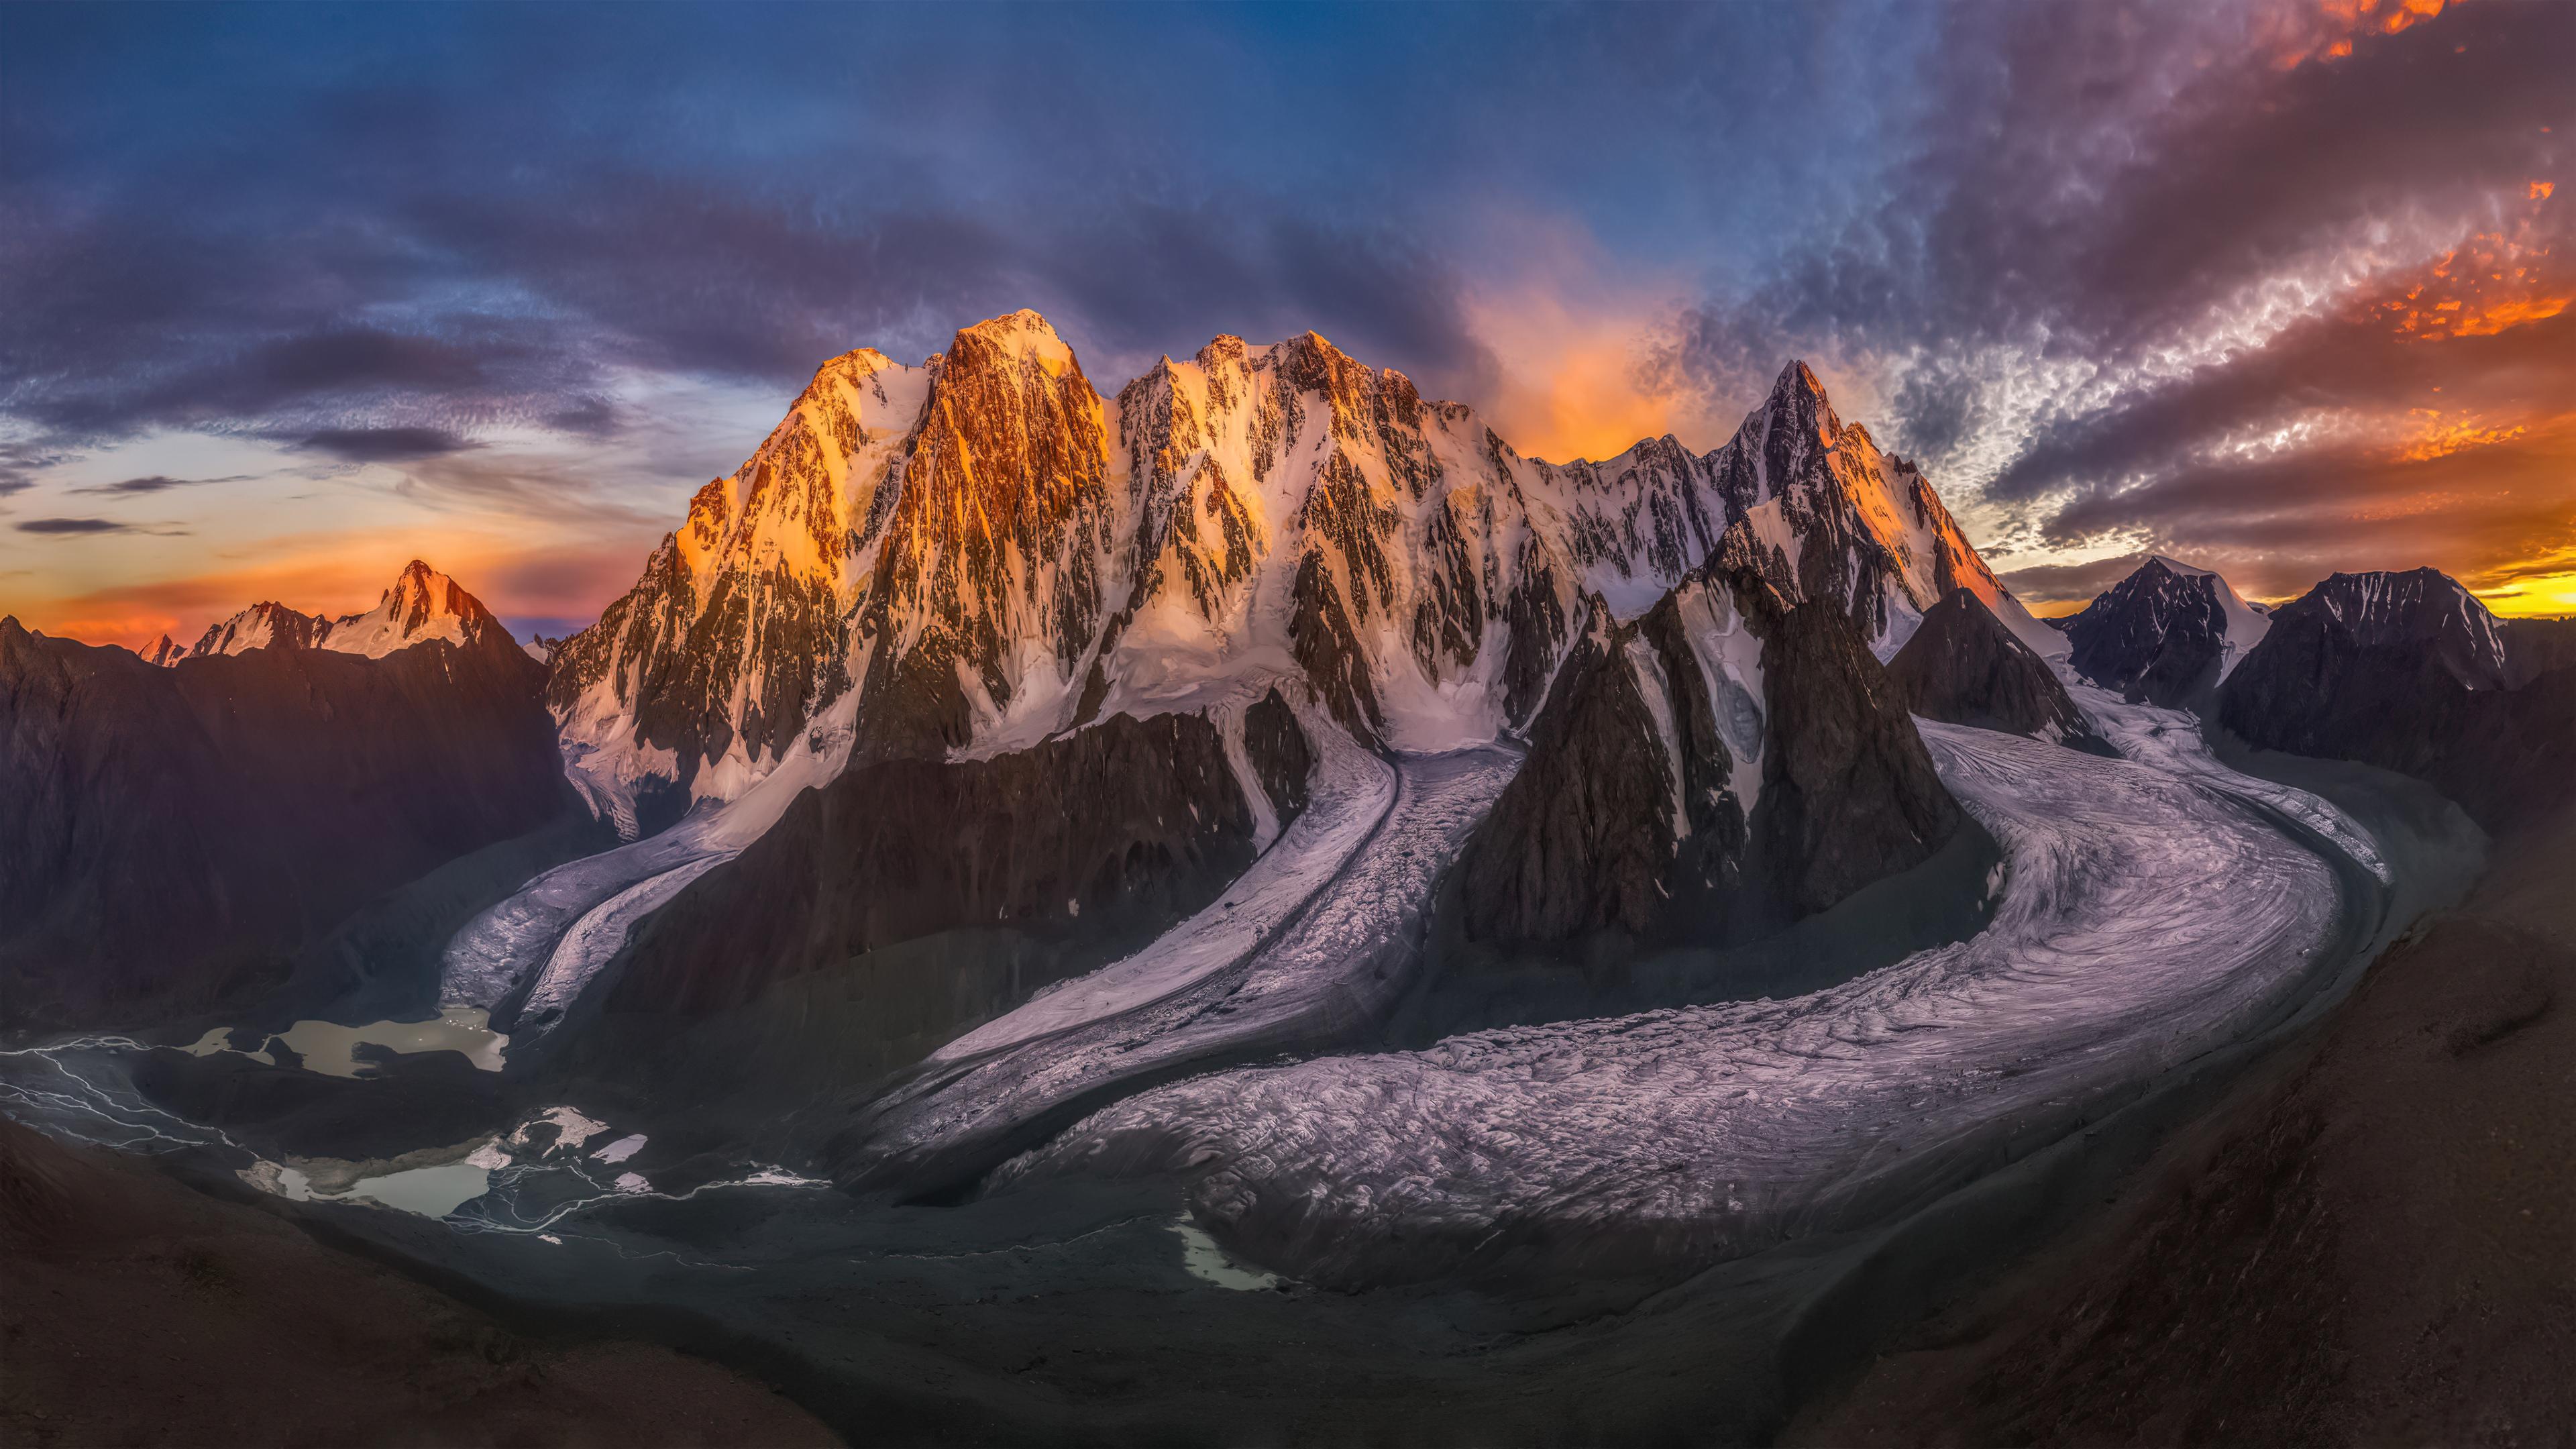 Fondos de pantalla Atardecer detras de montañas con nieve